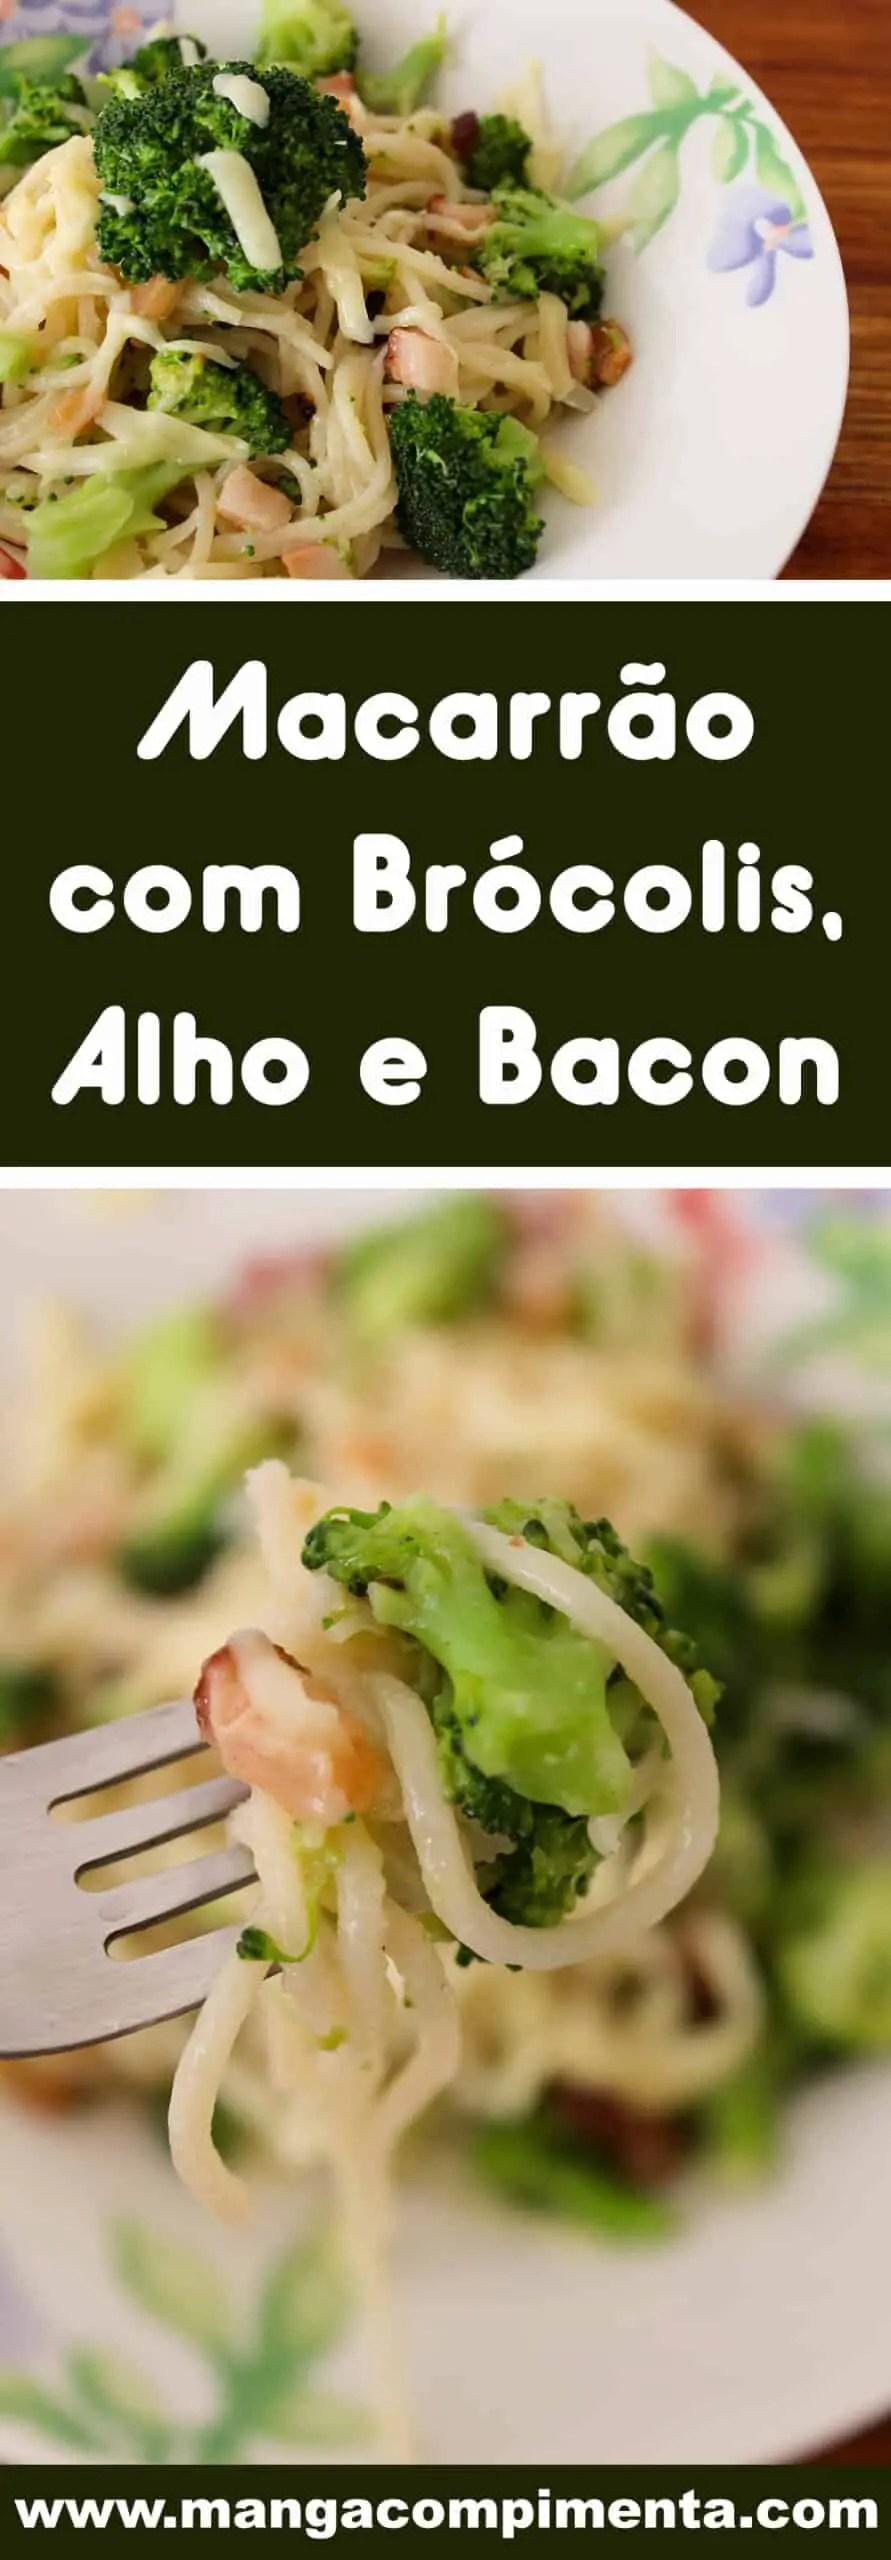 Receita de Macarrão com Brócolis, Alho e Bacon - almoço ou jantar para o dia-a-dia!